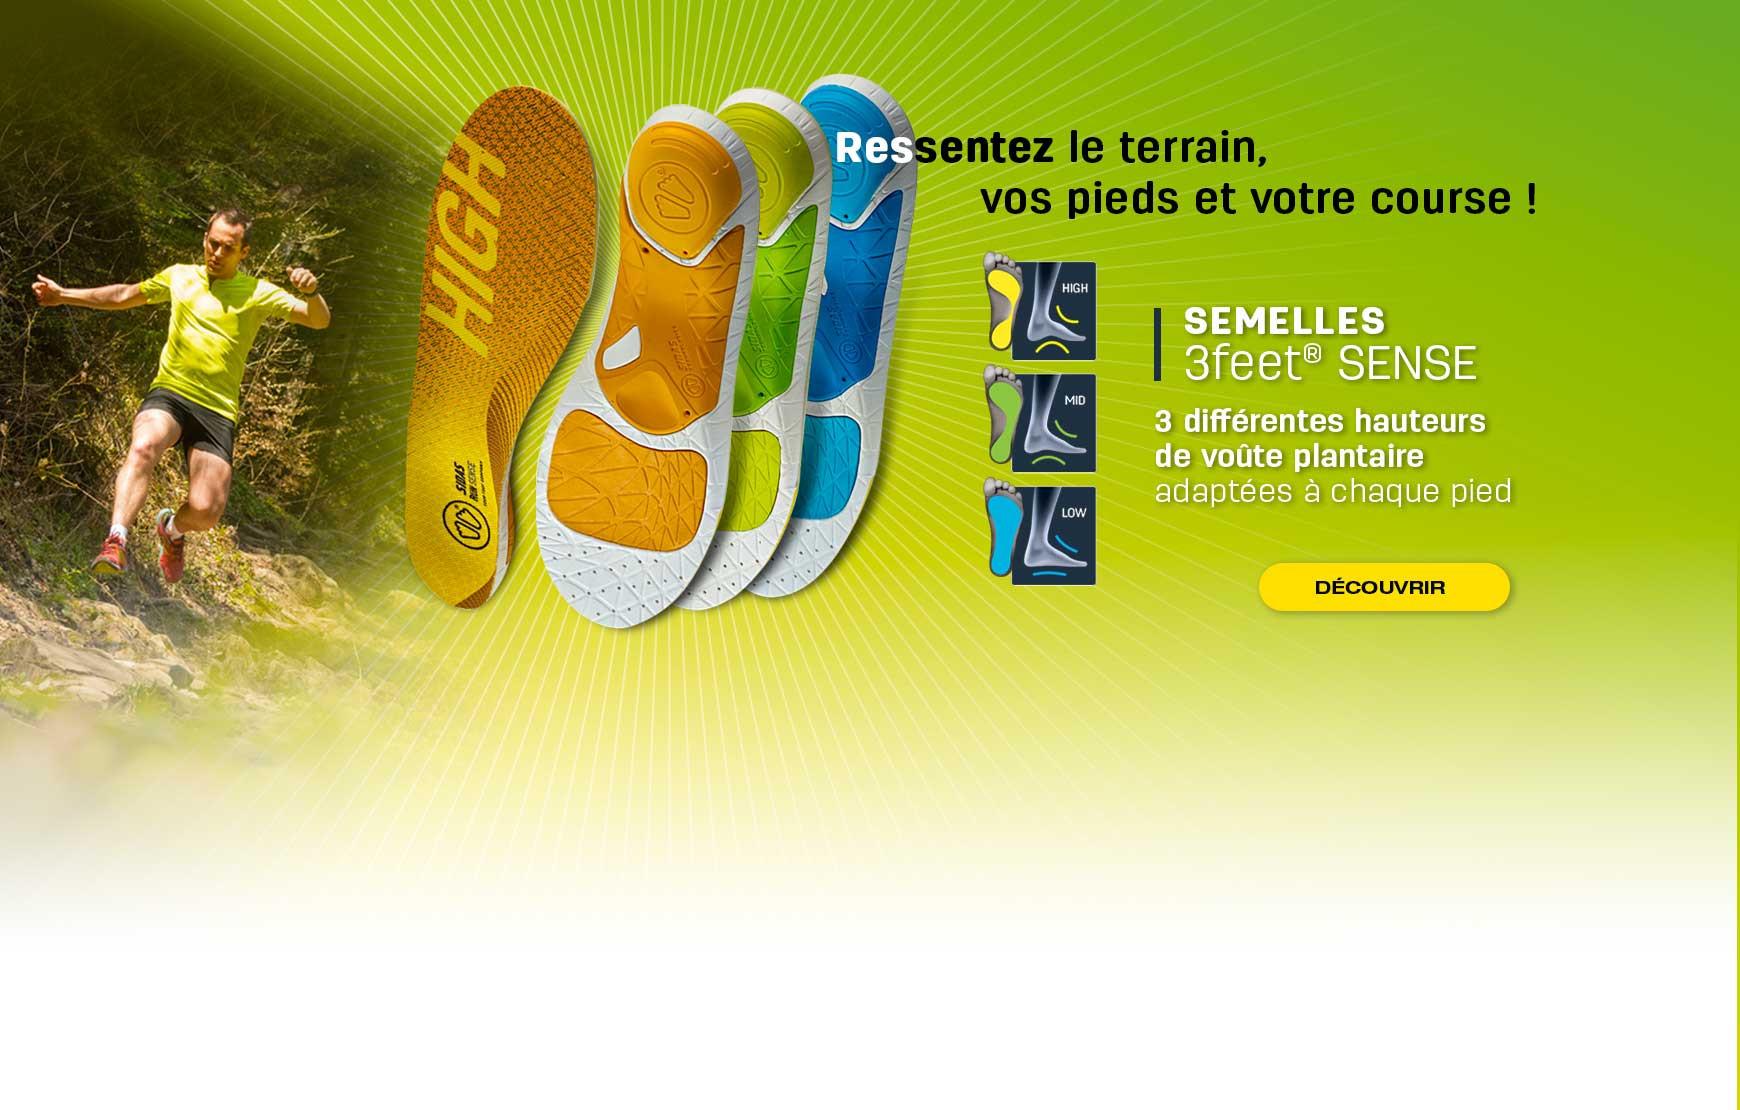 Découvrez notre gamme 3Feet® SENSE adaptée à chaque type de pied à la recherche de sensation